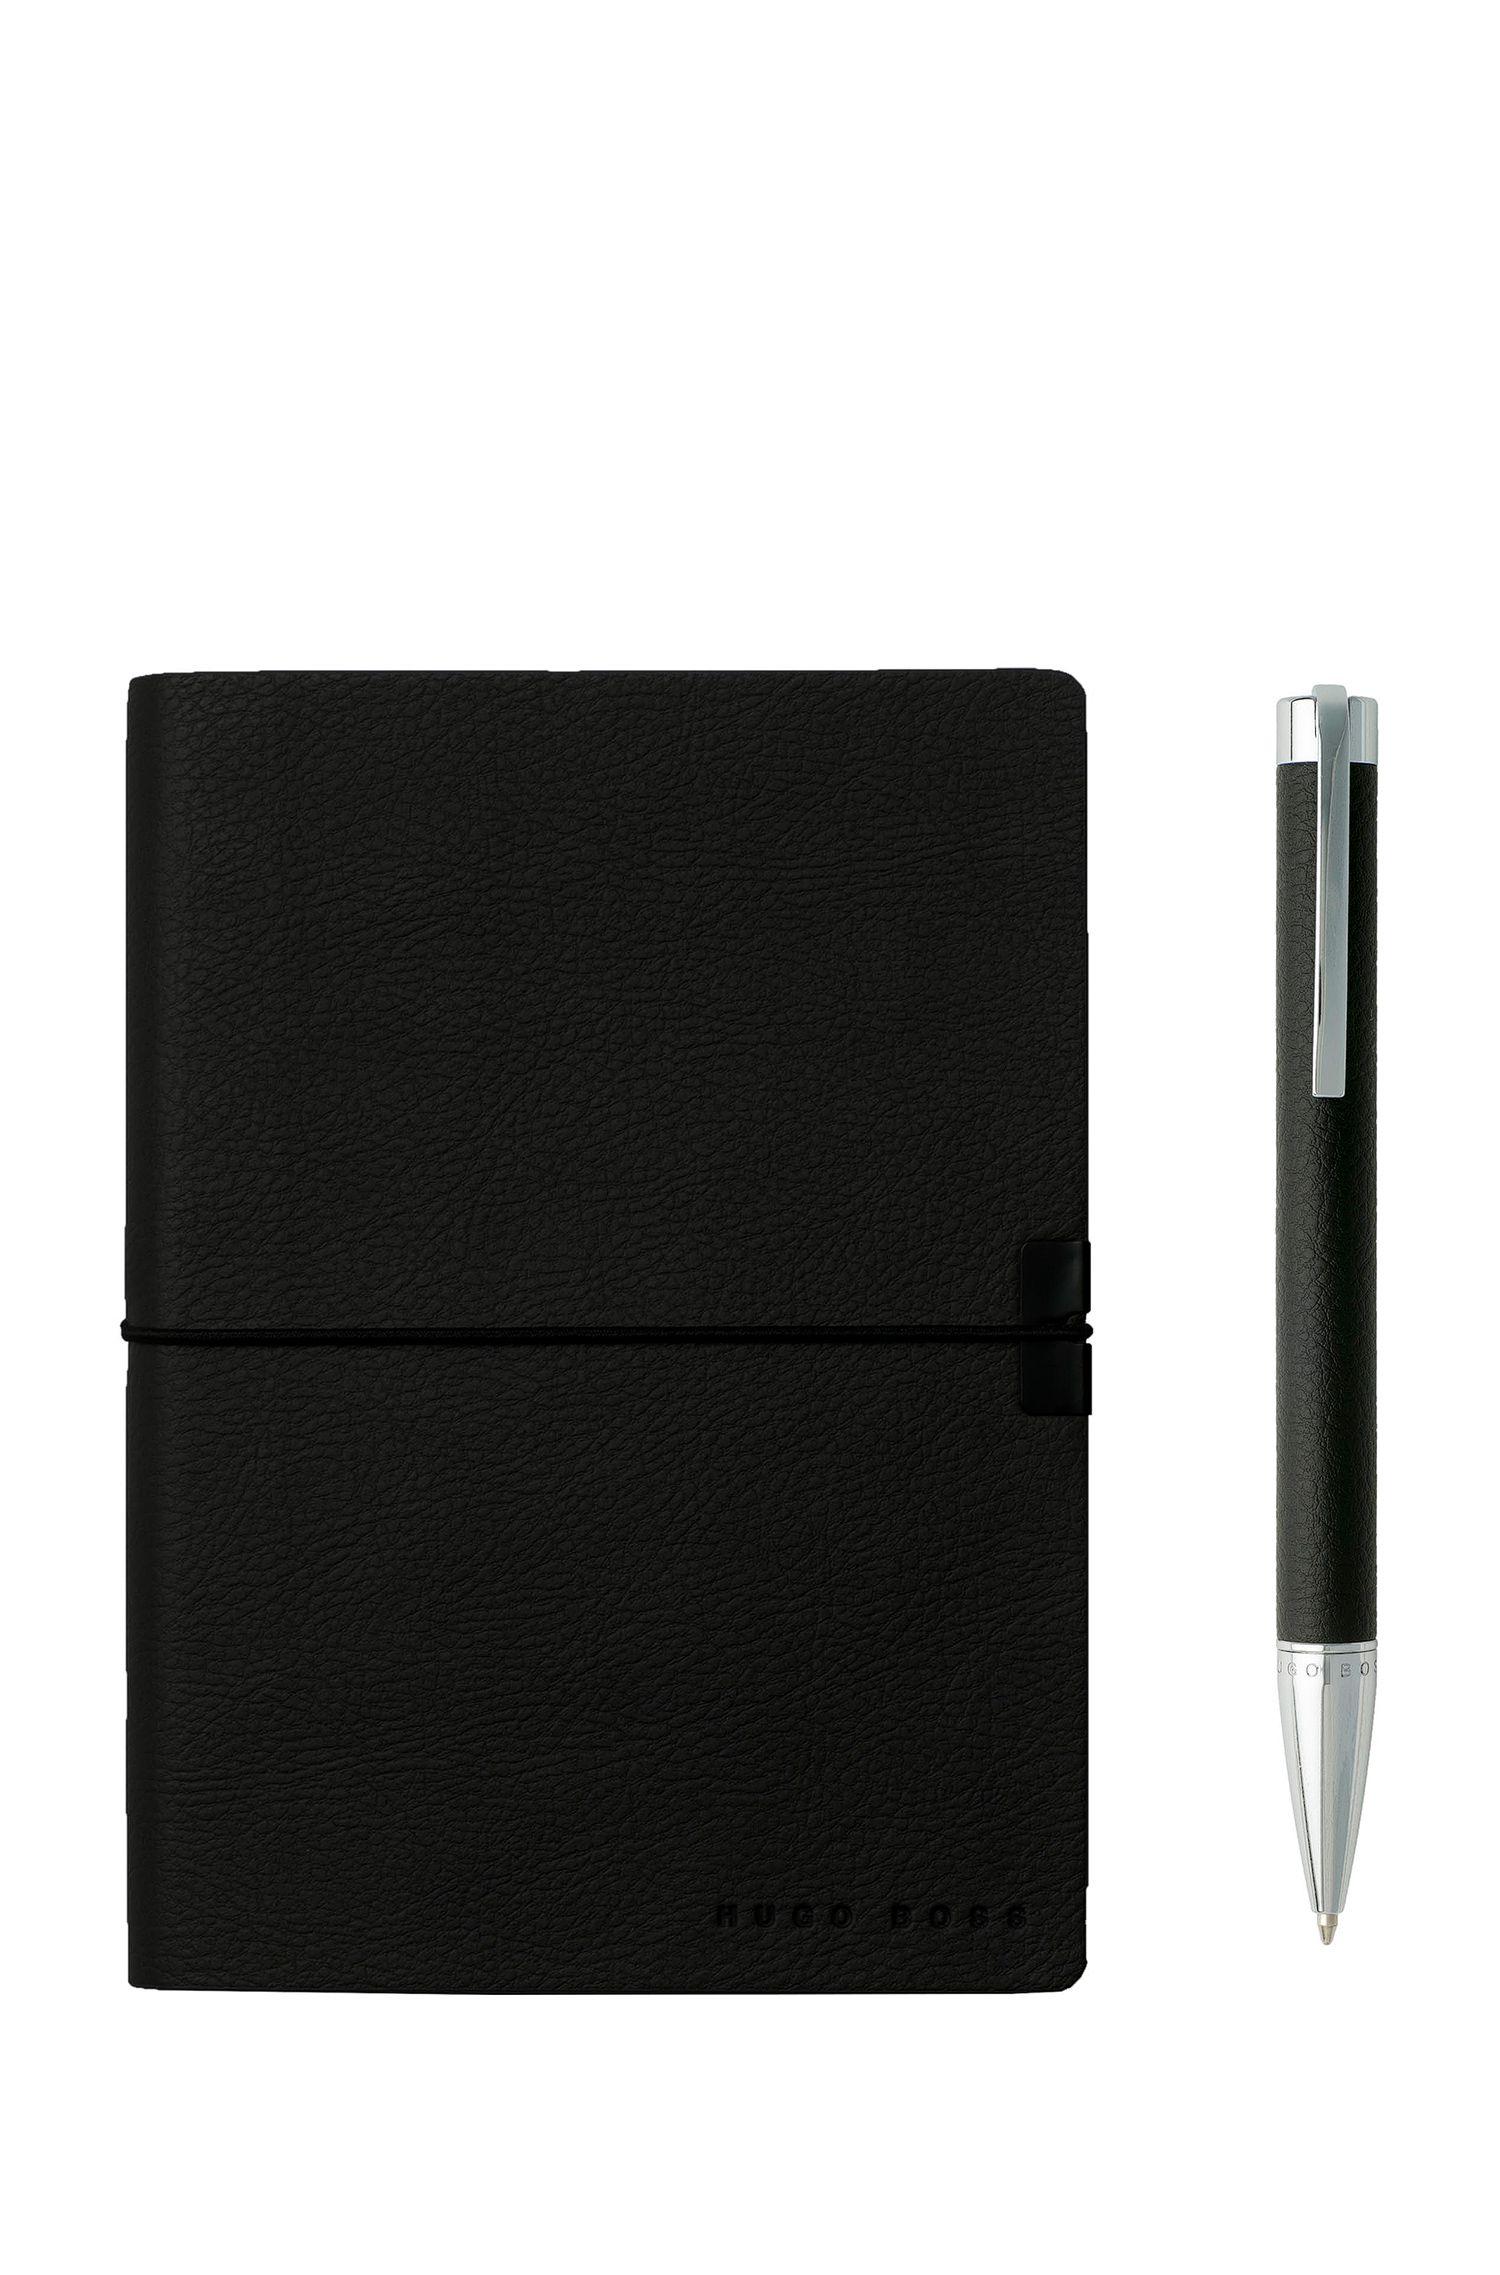 Set de regalo con cuaderno A6 y bolígrafo en piel sintética negra